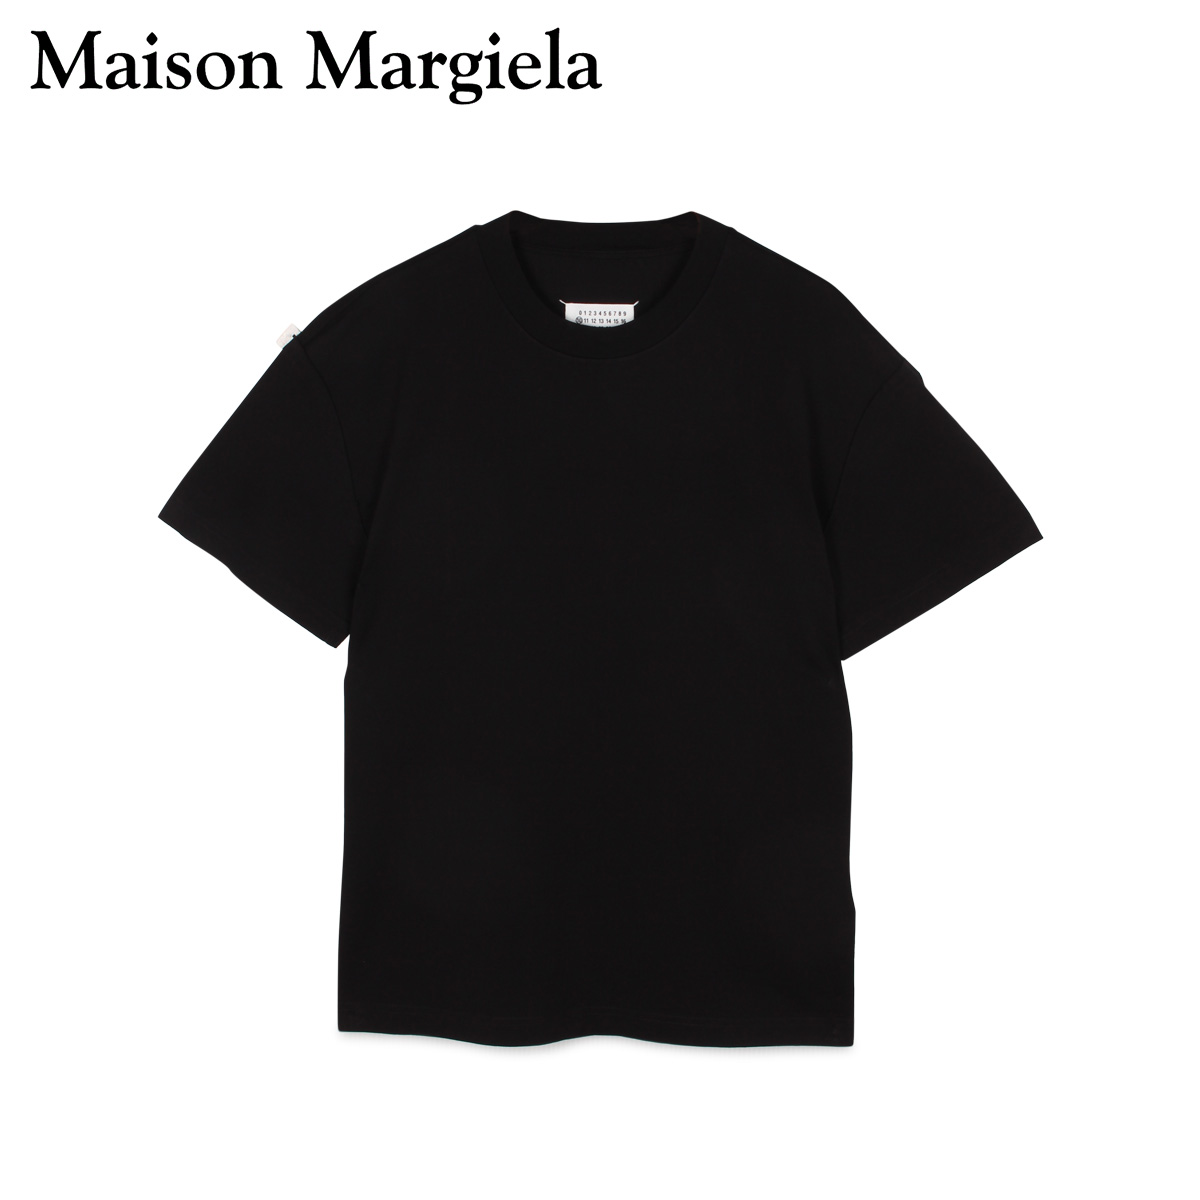 【最大2000円OFFクーポン】 メゾンマルジェラ MAISON MARGIELA Tシャツ 半袖 メンズ T SHIRT ブラック 黒 S50GC0600-900